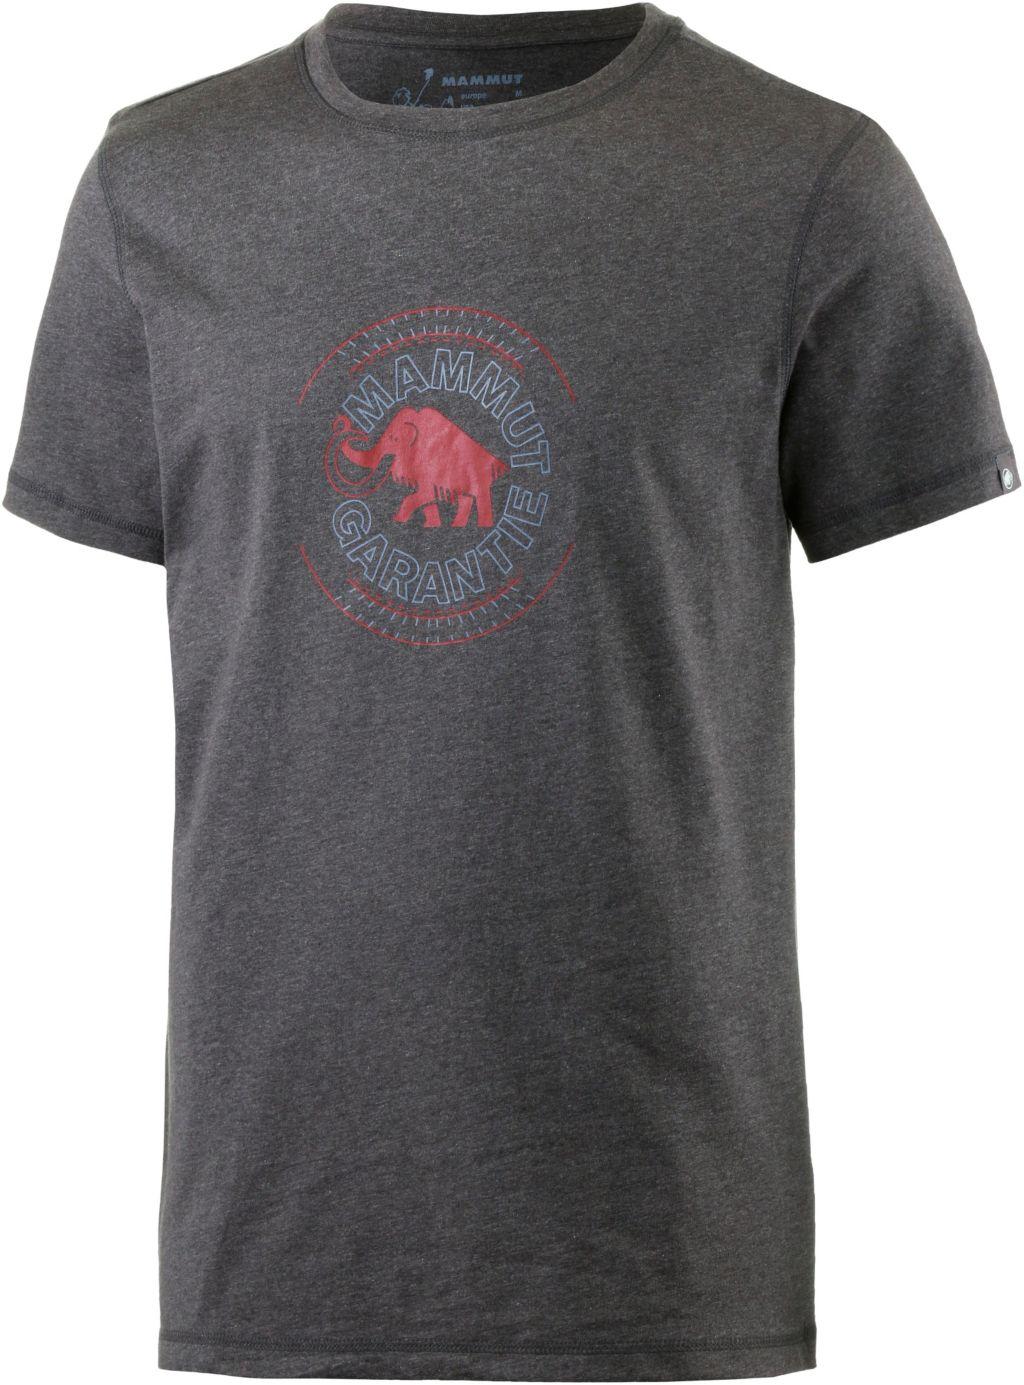 Garantie Klettershirt Herren in grau, Größe XL